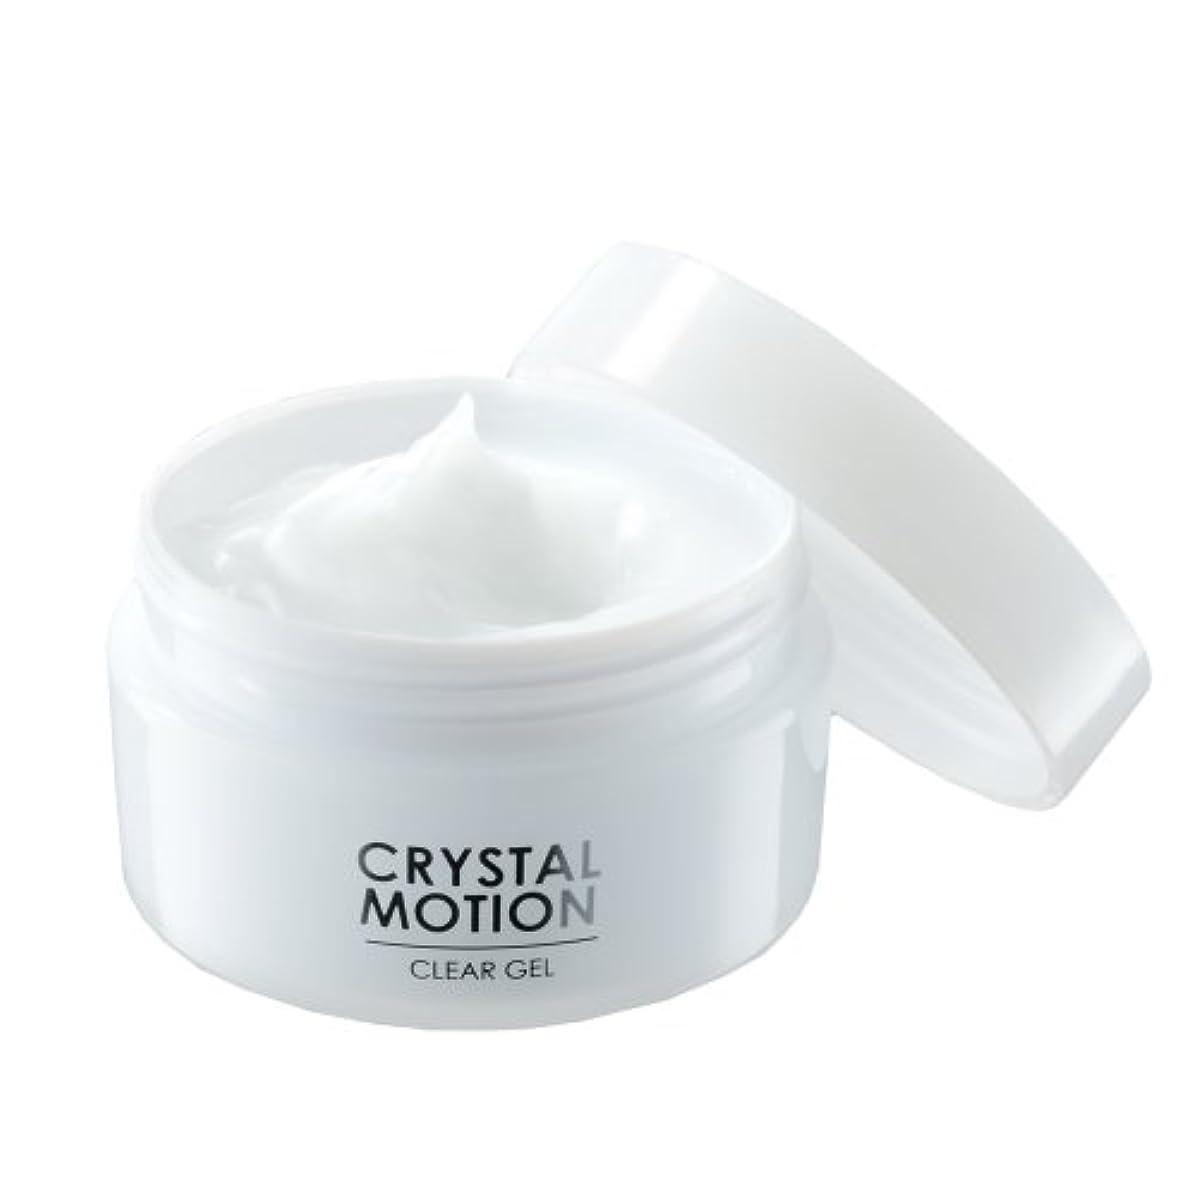 チャンピオンのスコア受け入れるクリスタルモーション CRYSTAL MOTION 薬用ニキビケアジェル 保湿 乾燥 美白 美肌 ニキビ 予防 1ヶ月分 60g